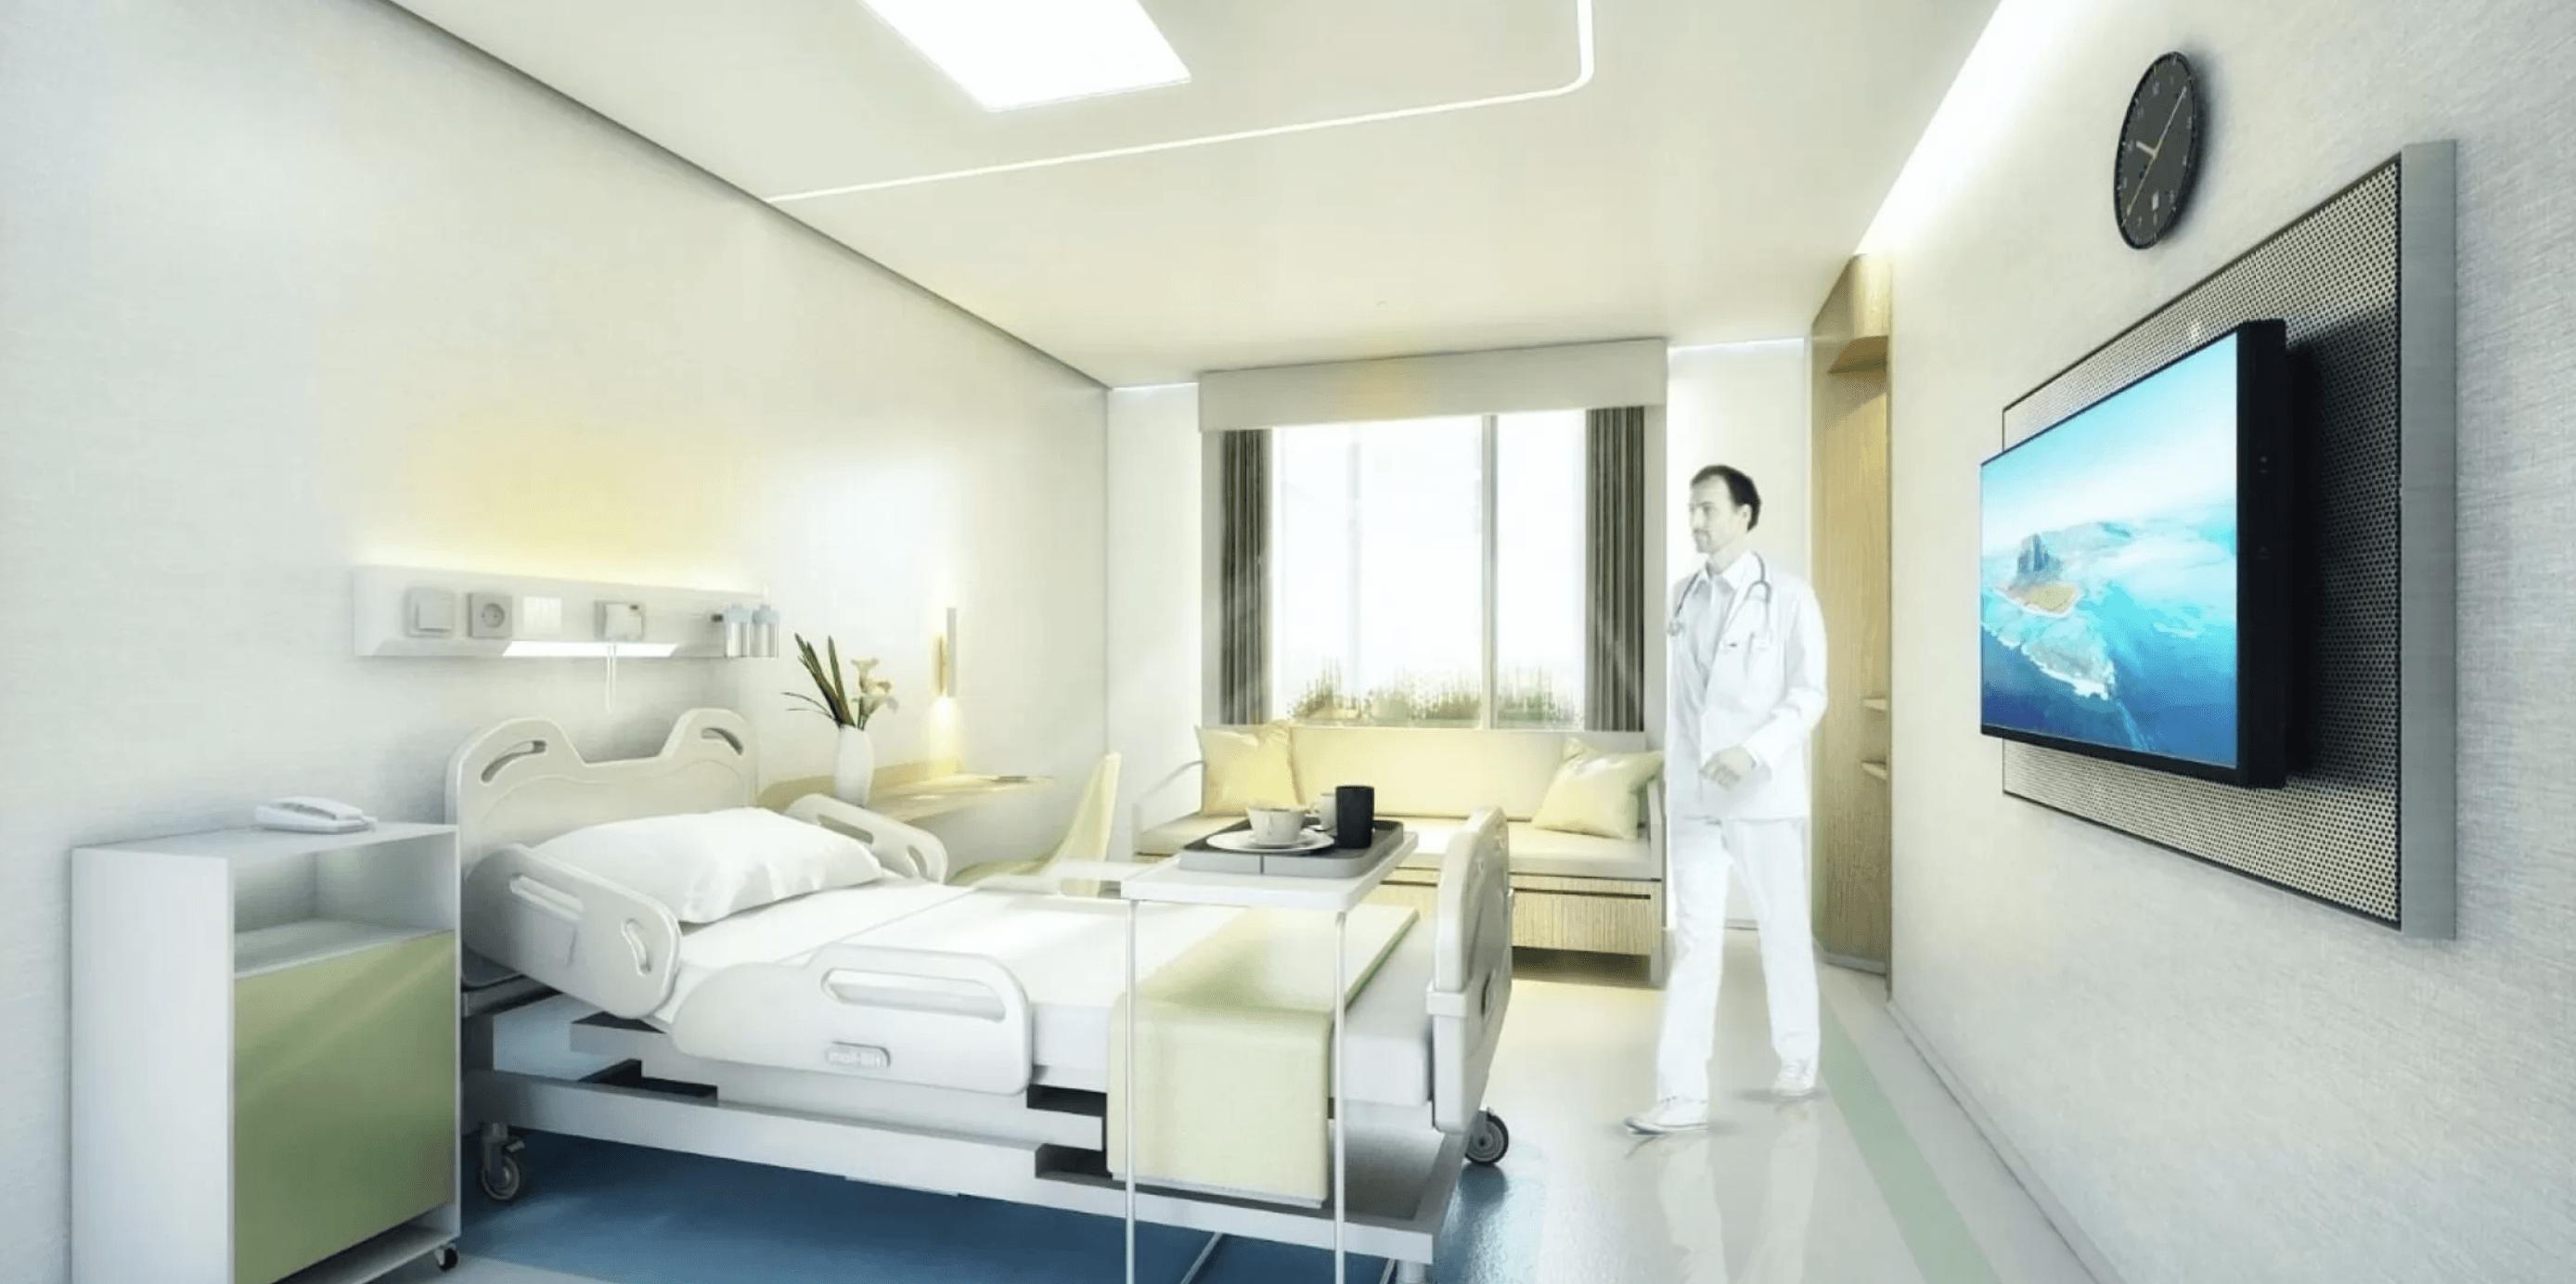 Rancang Citra Ruang Mary Hospital Cileungsi, Bogor, Jawa Barat, Indonesia Cileungsi, Bogor, Jawa Barat, Indonesia Rancang-Citra-Ruang-Mary-Hospital   64185